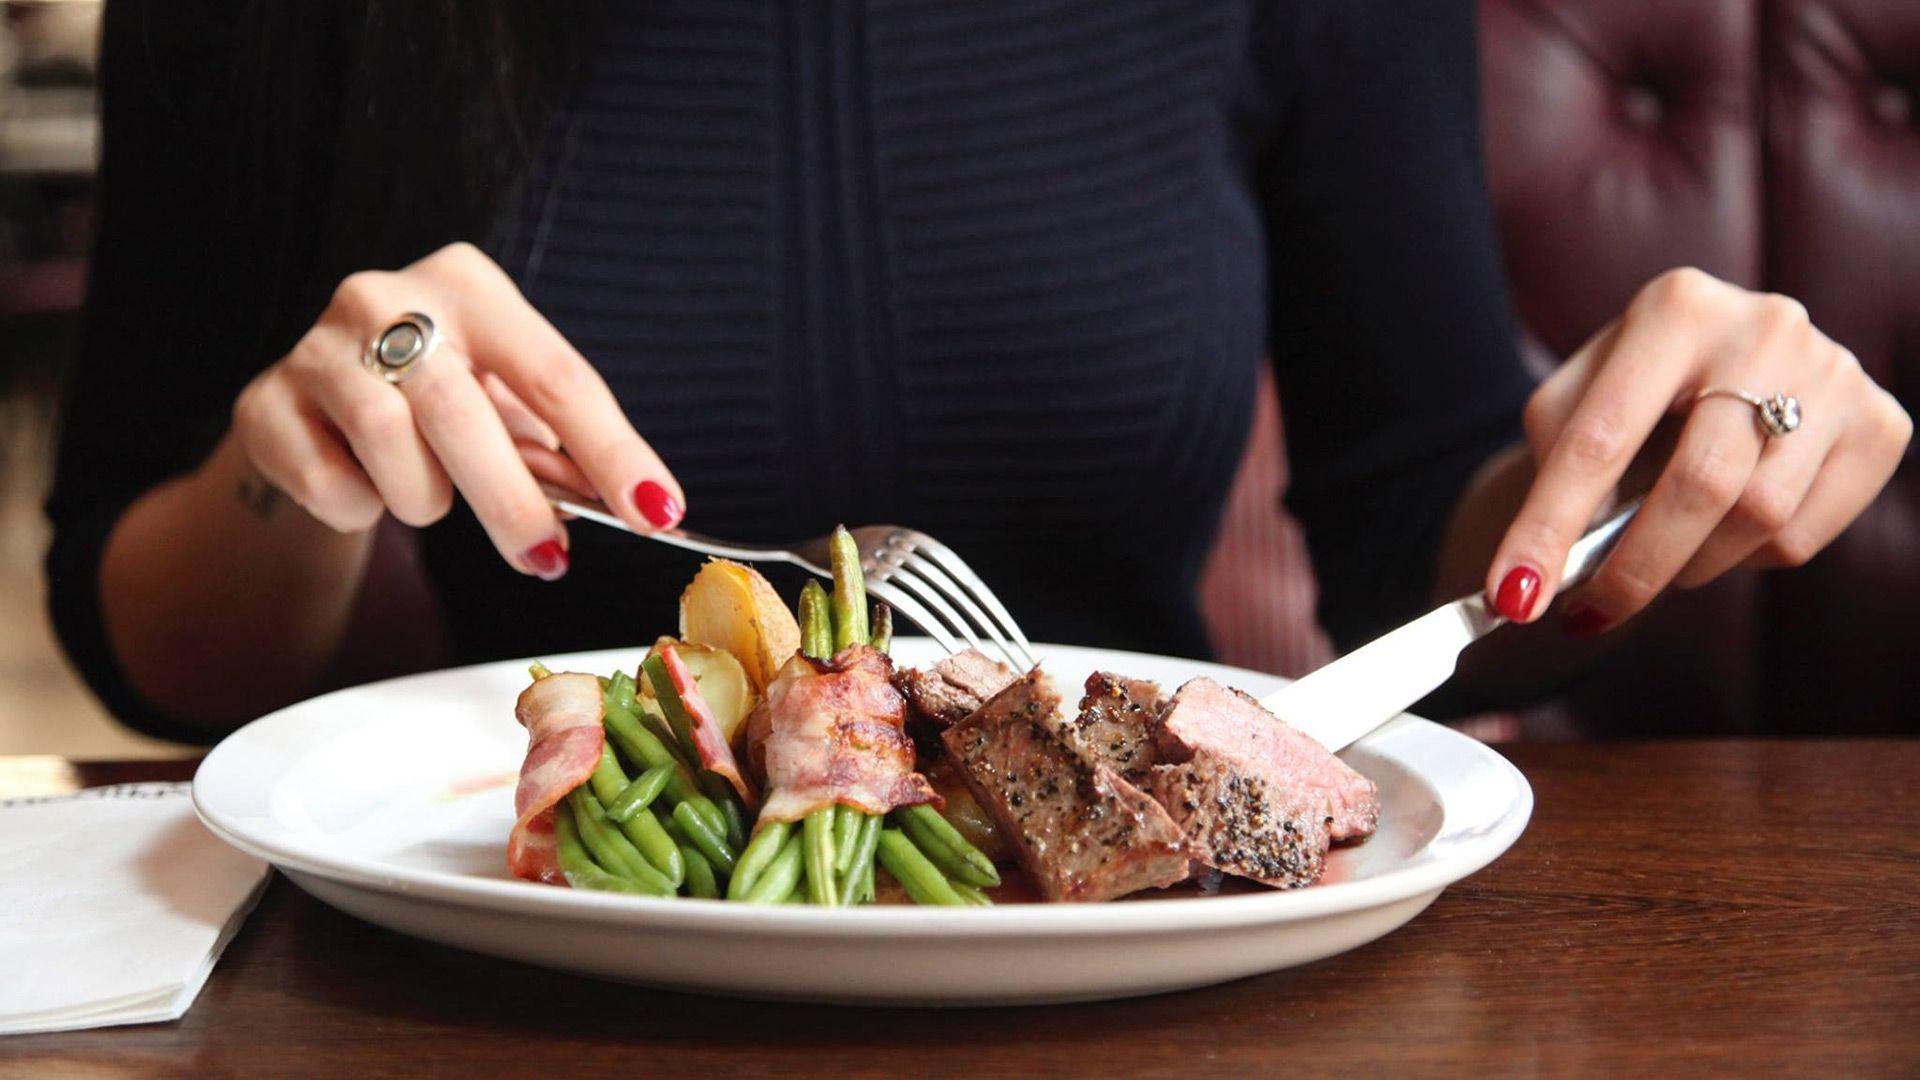 При ожирении вкусовые рецепторы уменьшаются на 25%